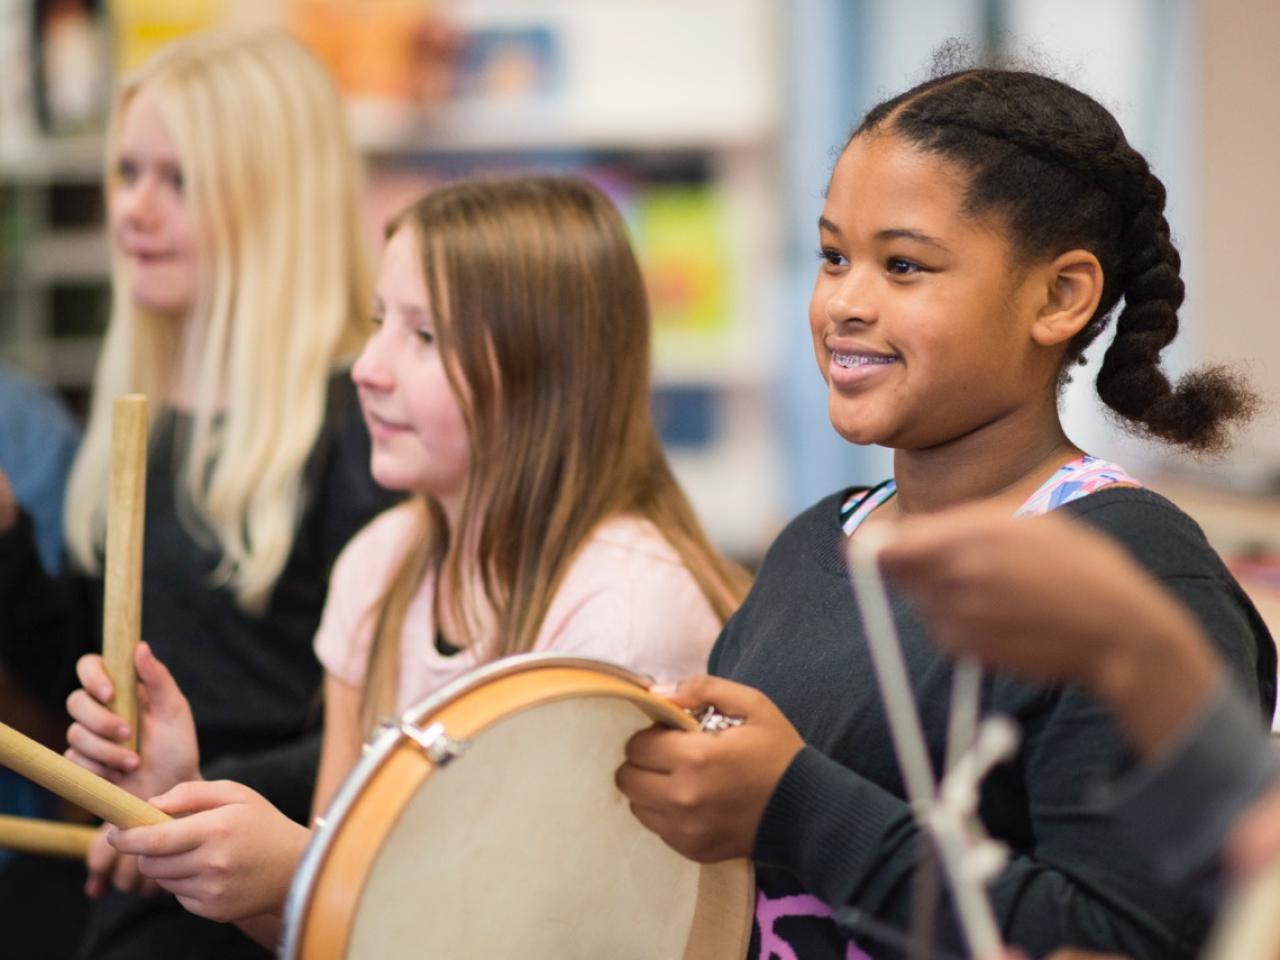 Meisje met tamboerijn in de klas